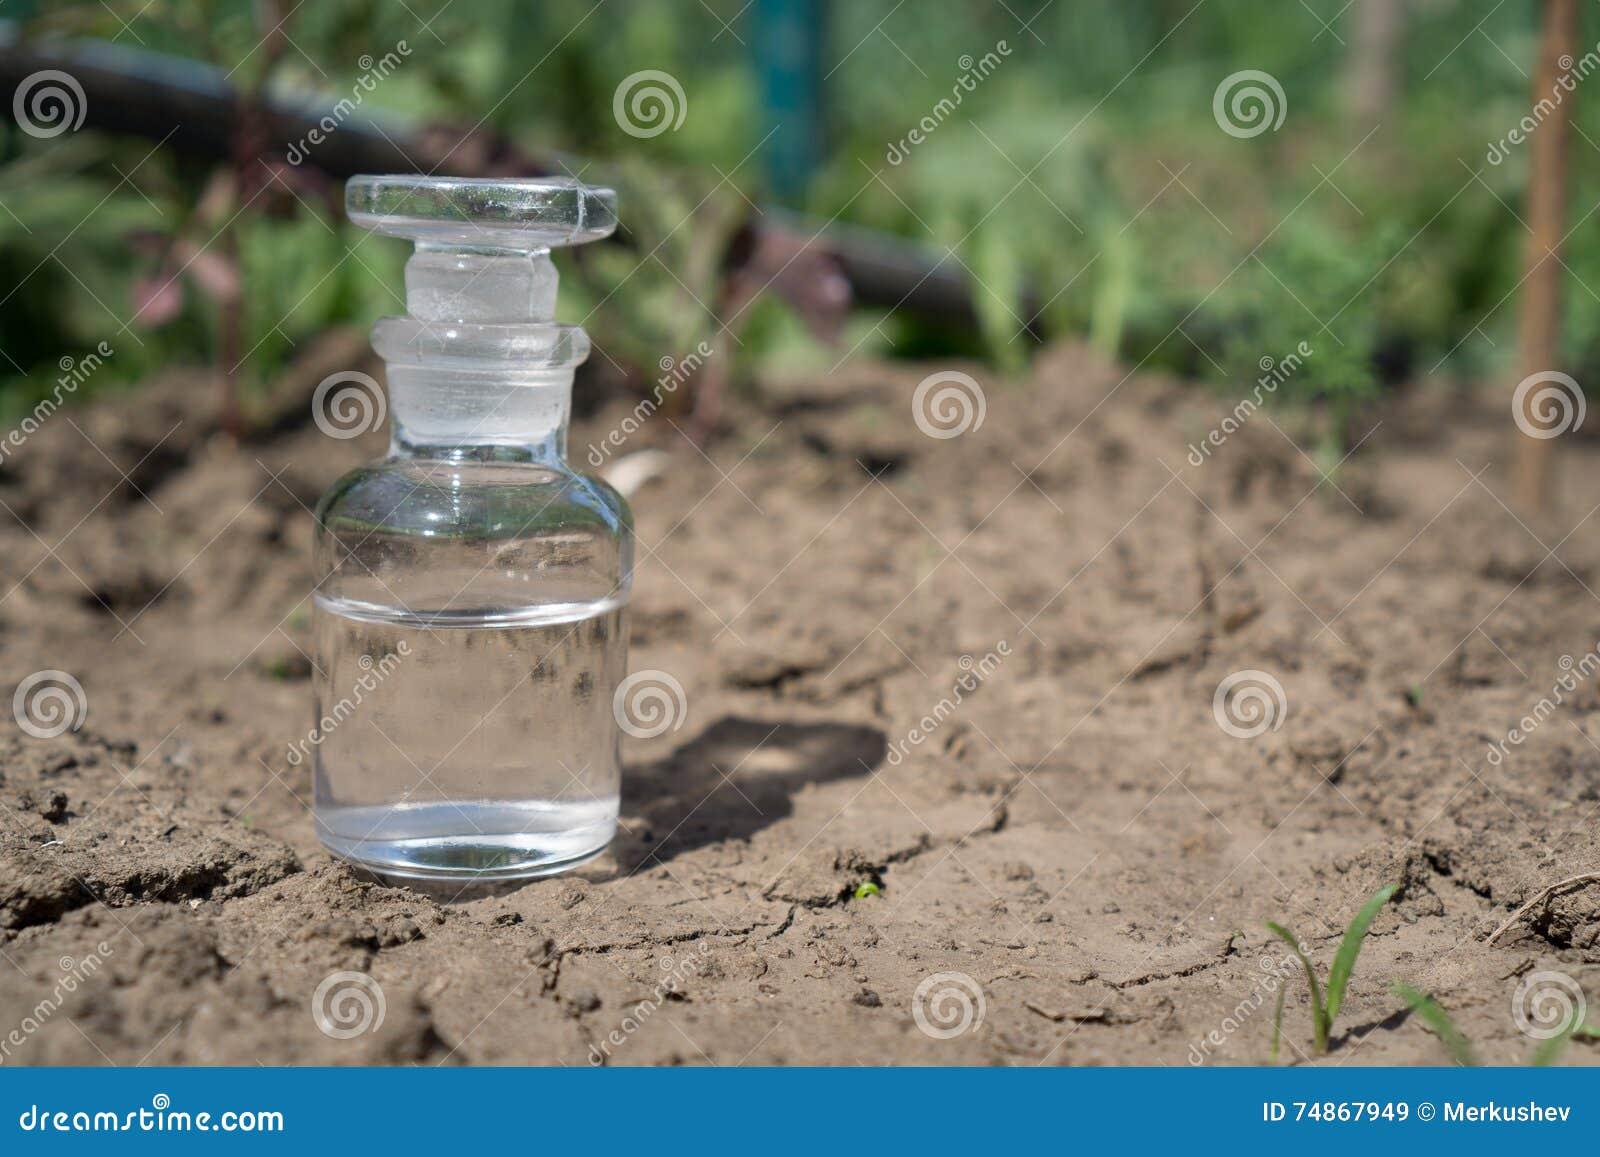 Бутылка с водой или удобрением на сухой треснутой почве ...